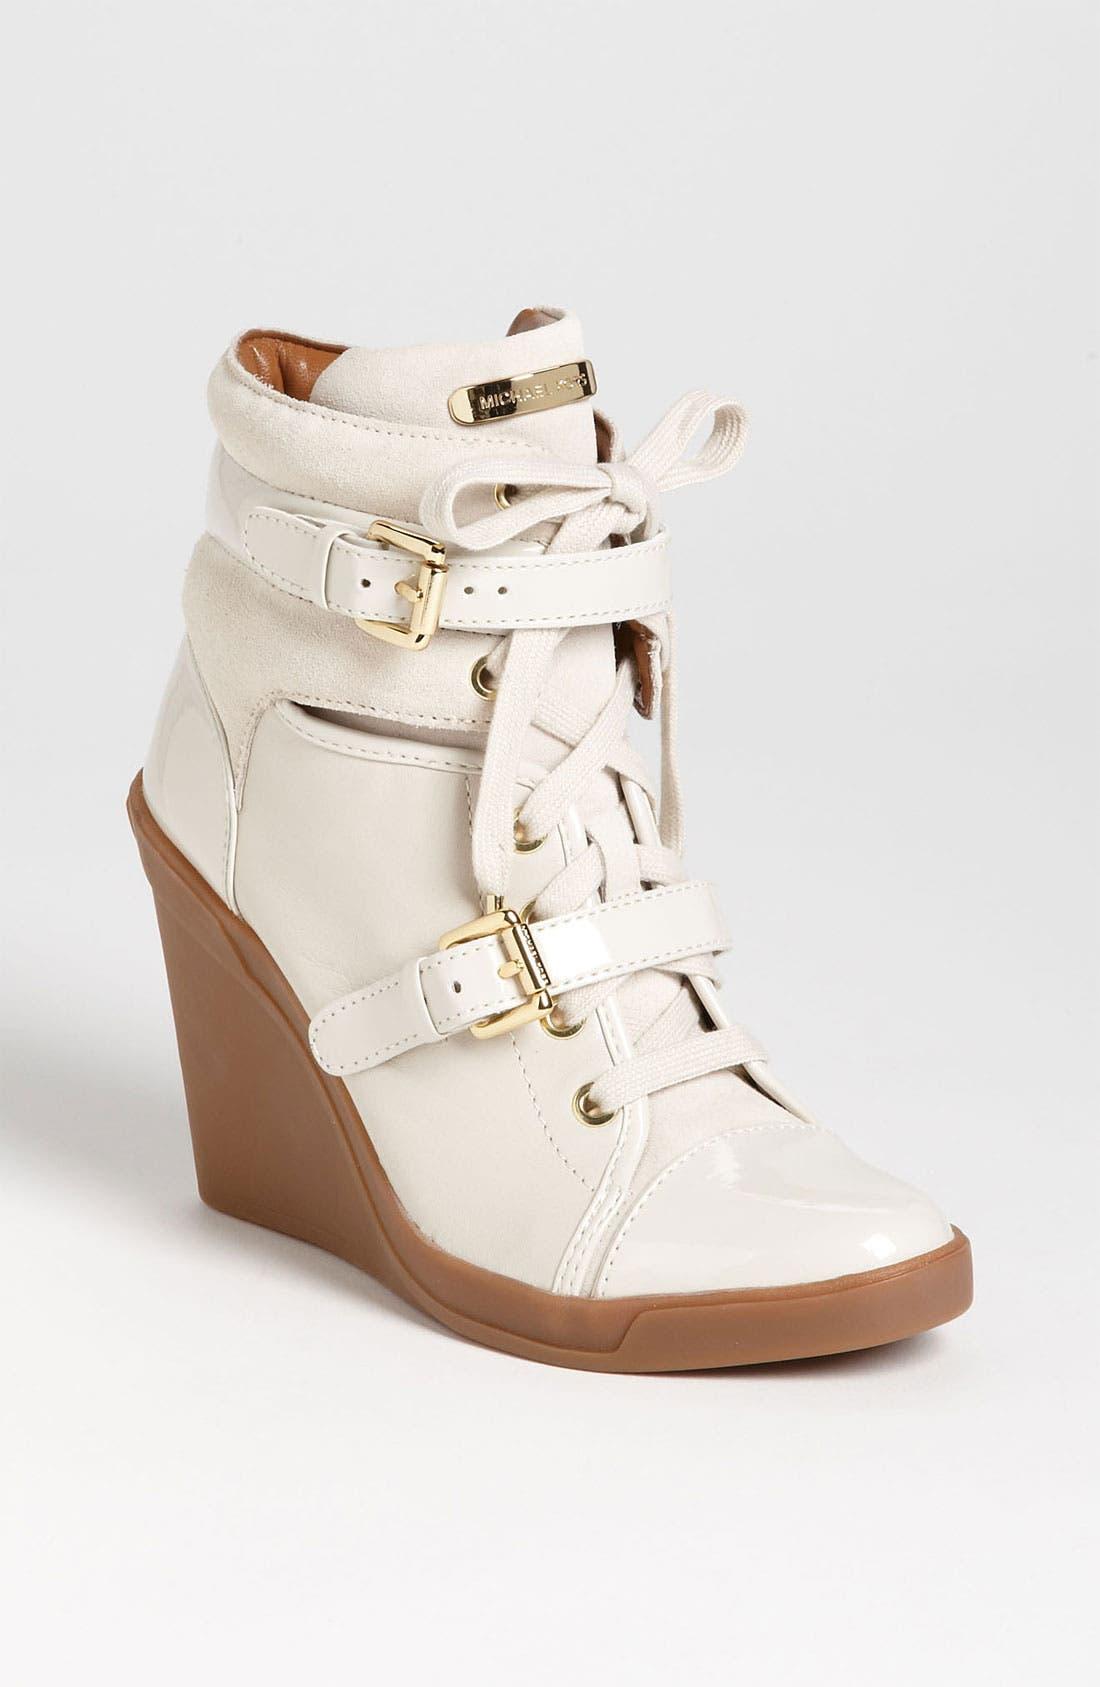 Main Image - MICHAEL Michael Kors 'Skid' Wedge Sneaker